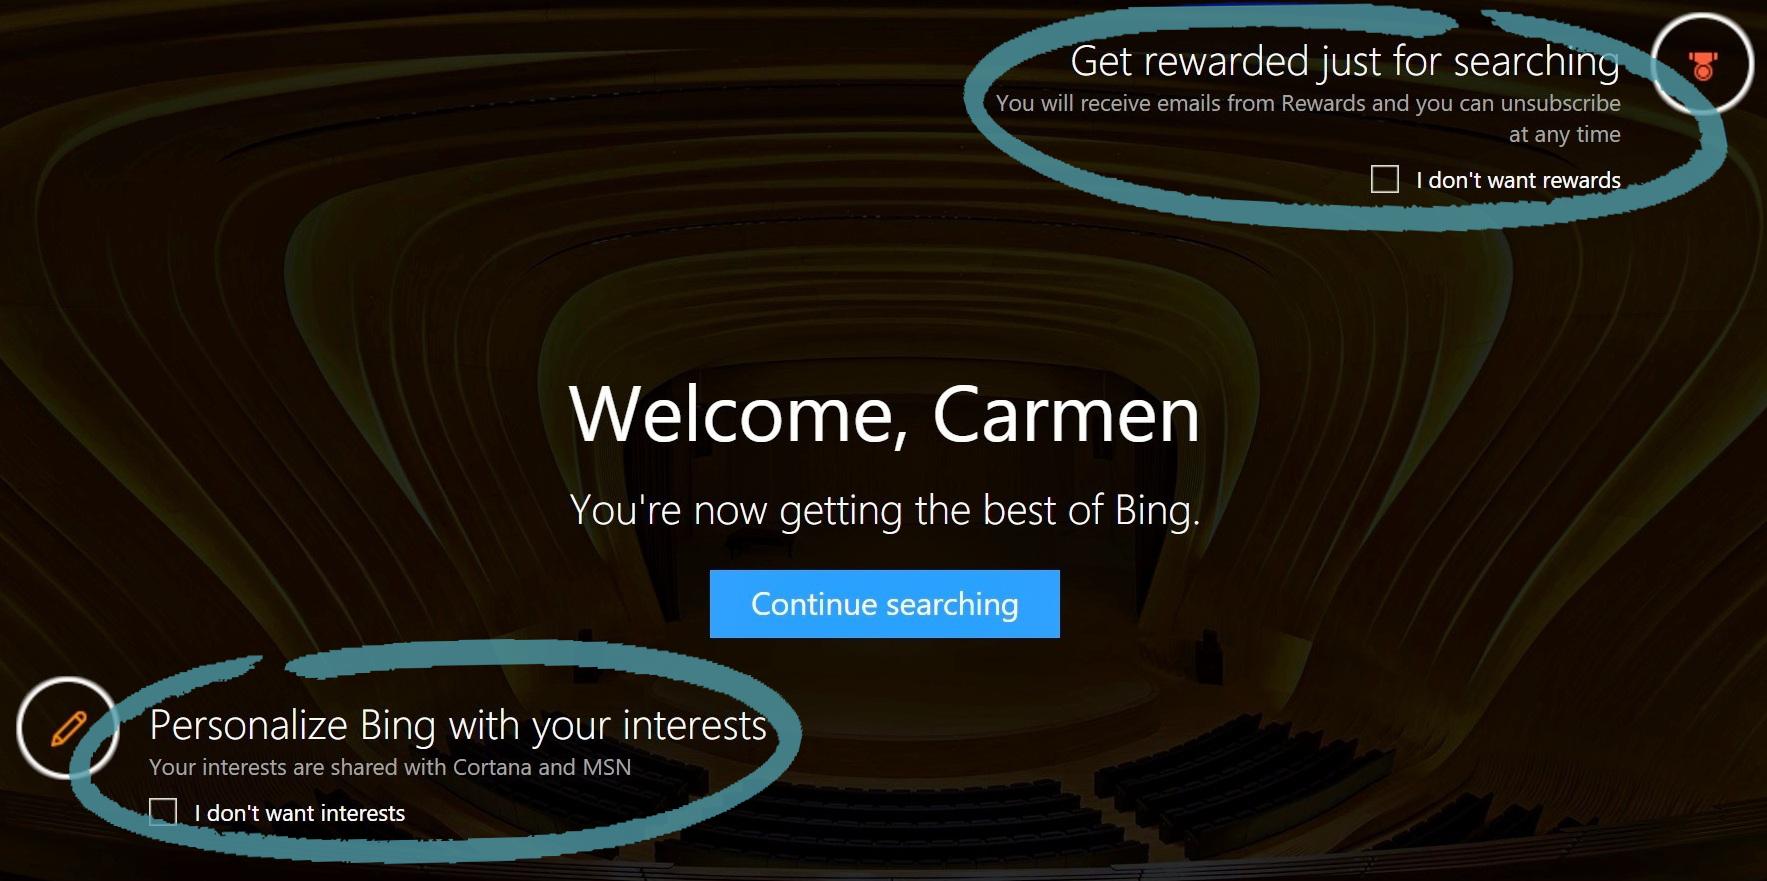 โฮมเพจ Bing เมื่อเข้าร่วมใช้รางวัลและสิ่งที่น่าสนใจ